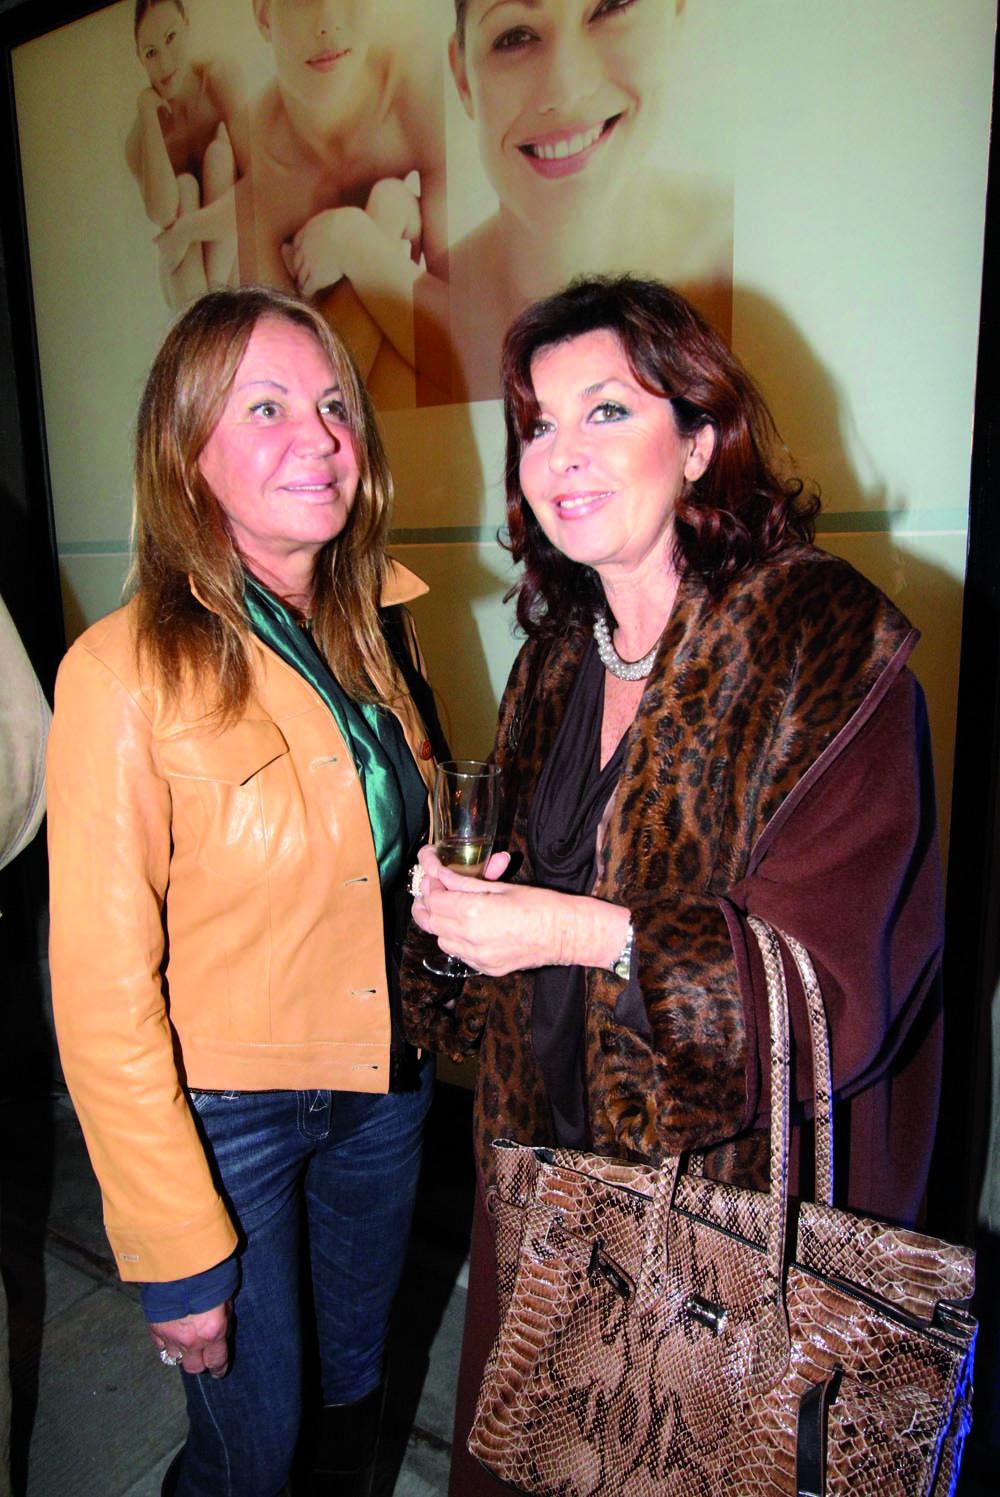 pressphoto, Firenze Inaugurazione centro benessere Bellessenza  Fiorella Bennucci, Gloria Zorro